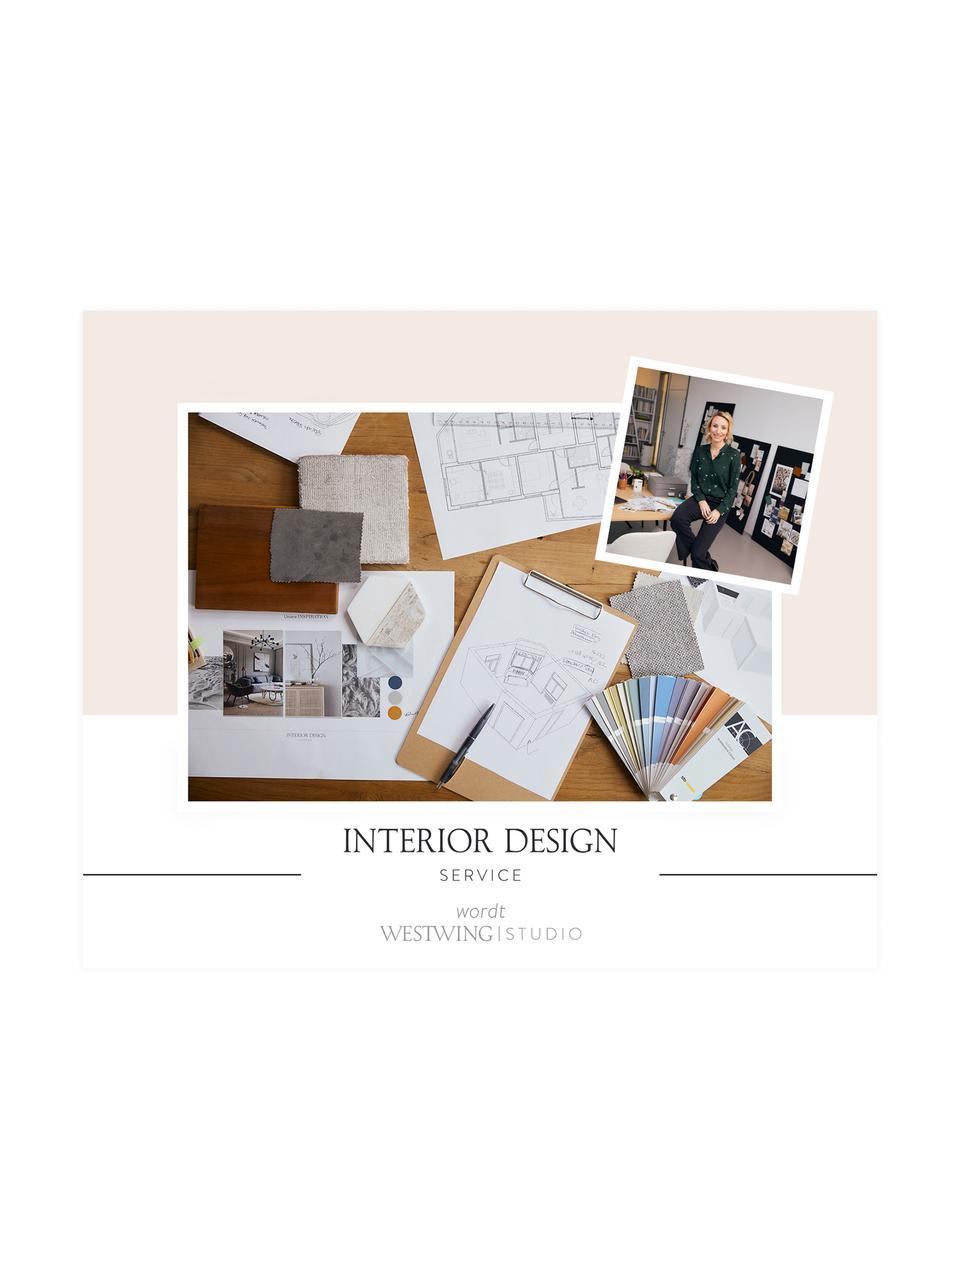 Interior Design Service voor 1 woonruimte, Digitale voucher. Na ontvangst van jouw bestelling nemen wij snel contact met je op om een afspraak te maken voor een telefonisch consult met jouw persoonlijke iterior designer., Wit, 99 Euro